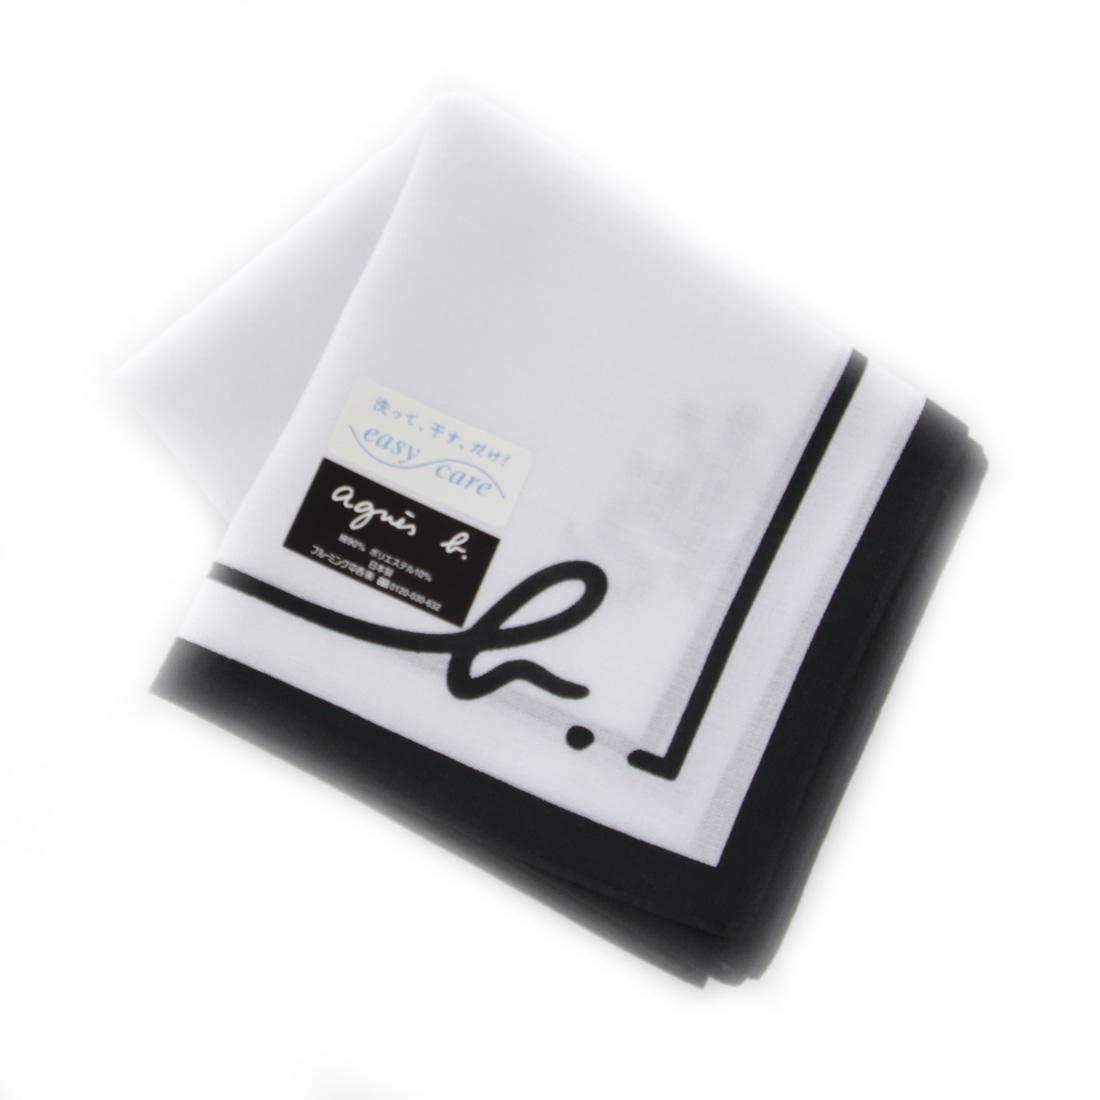 直送商品 agnes b 再再販 アニエスベー メンズ イージーケア プリントハンカチ 0253 ホワイト